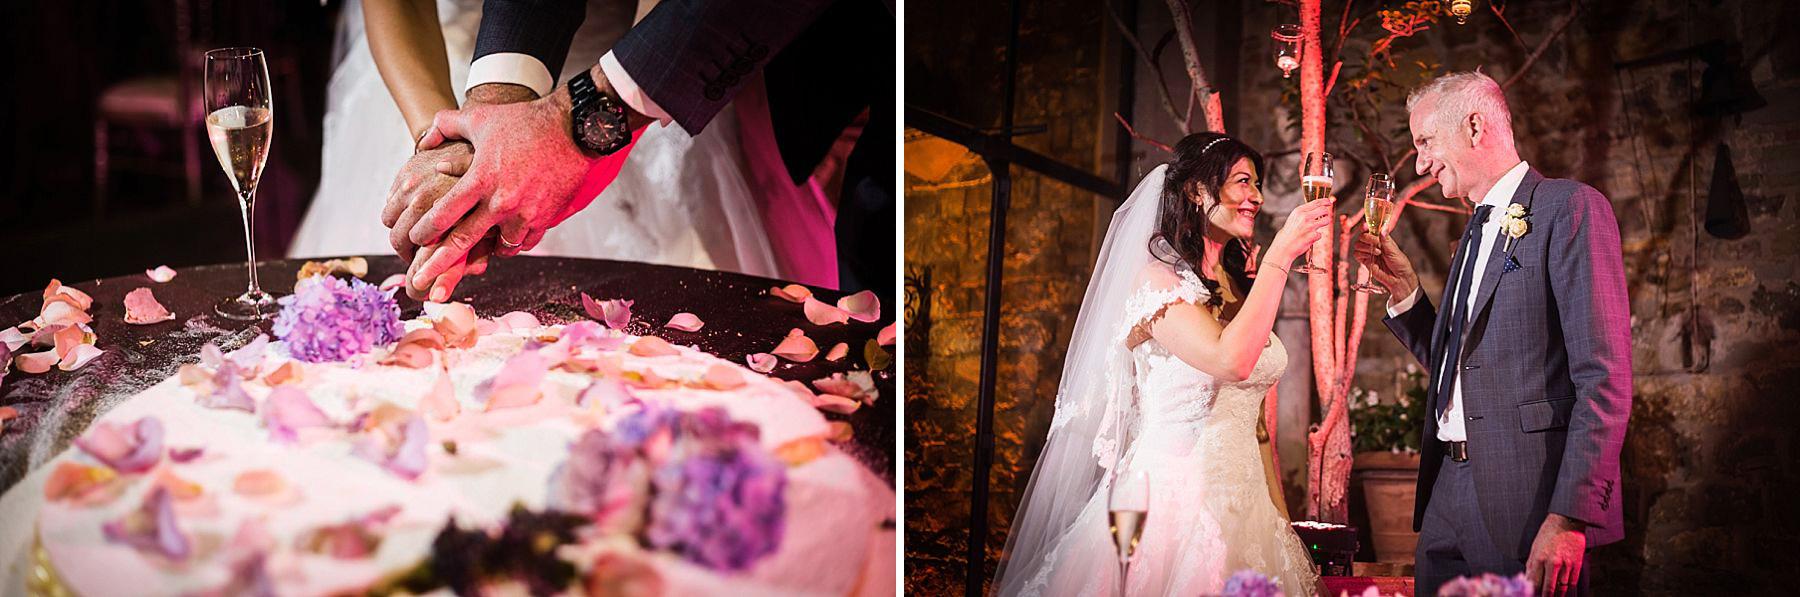 WeddingEsinJon-045